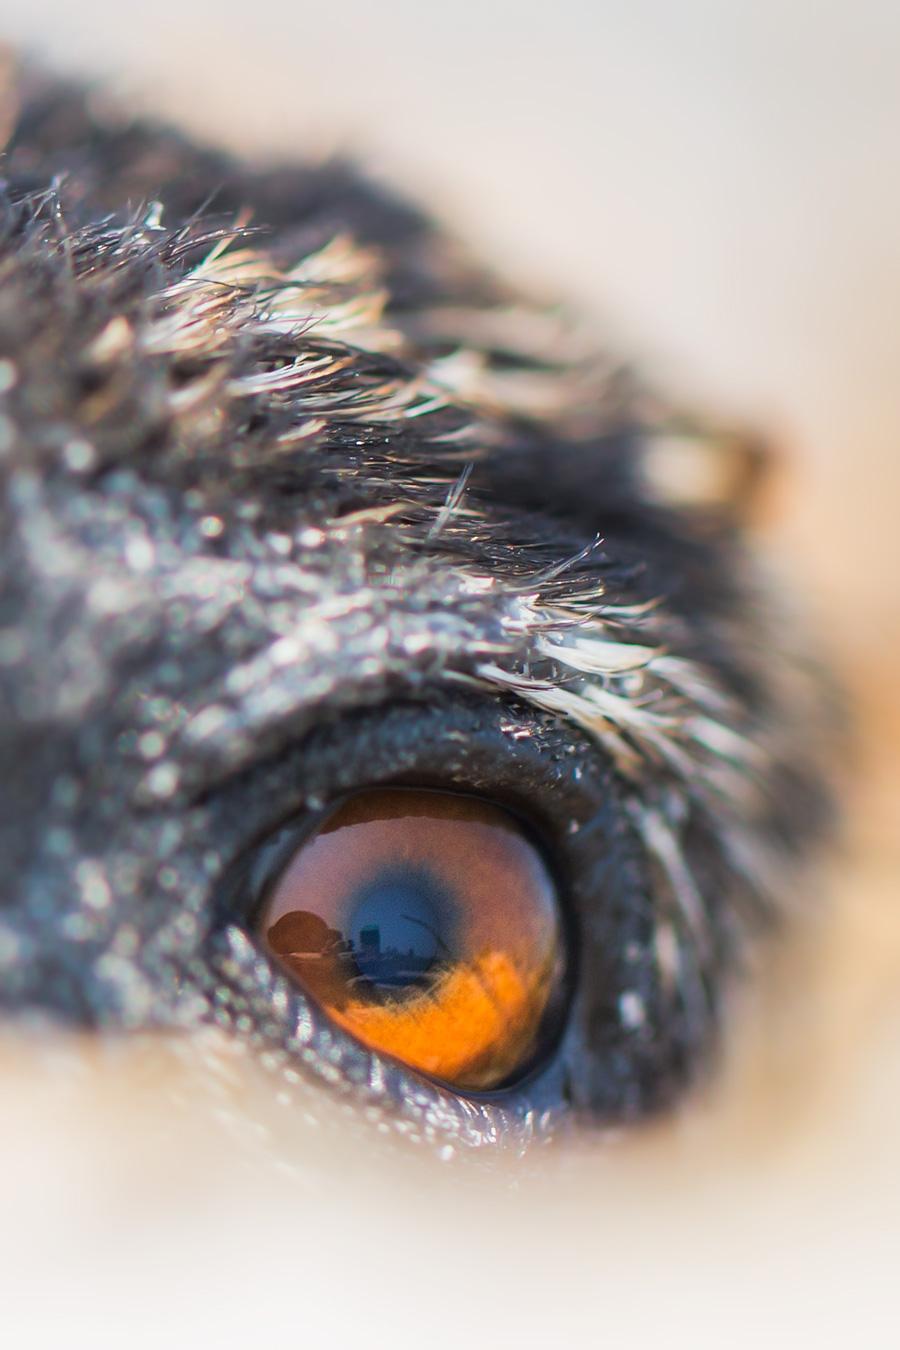 First human, as seen through an Osprey's eye